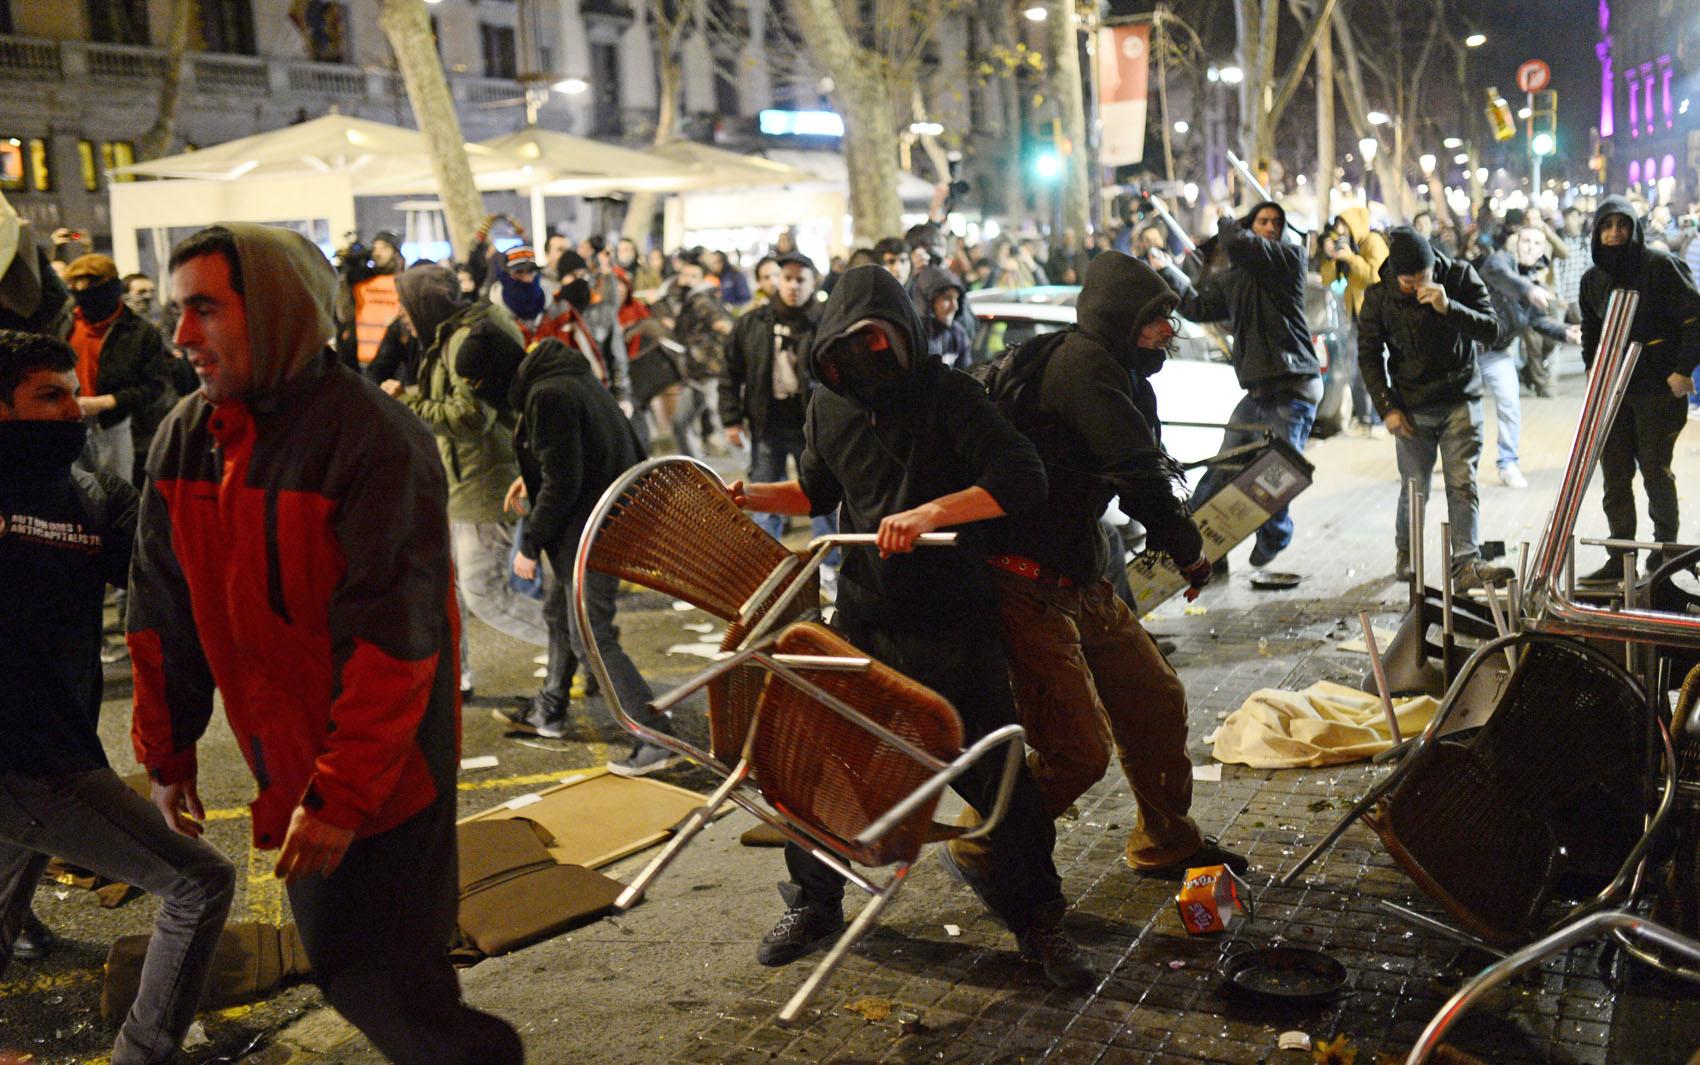 Manifestantes entram em confronto com a polícia em Barcelona durante um protesto em apoio aos moradores do bairro Gamonal na cidade de Burgos, que são contra um projeto de renovação urbana com valores altos para o país em crise.